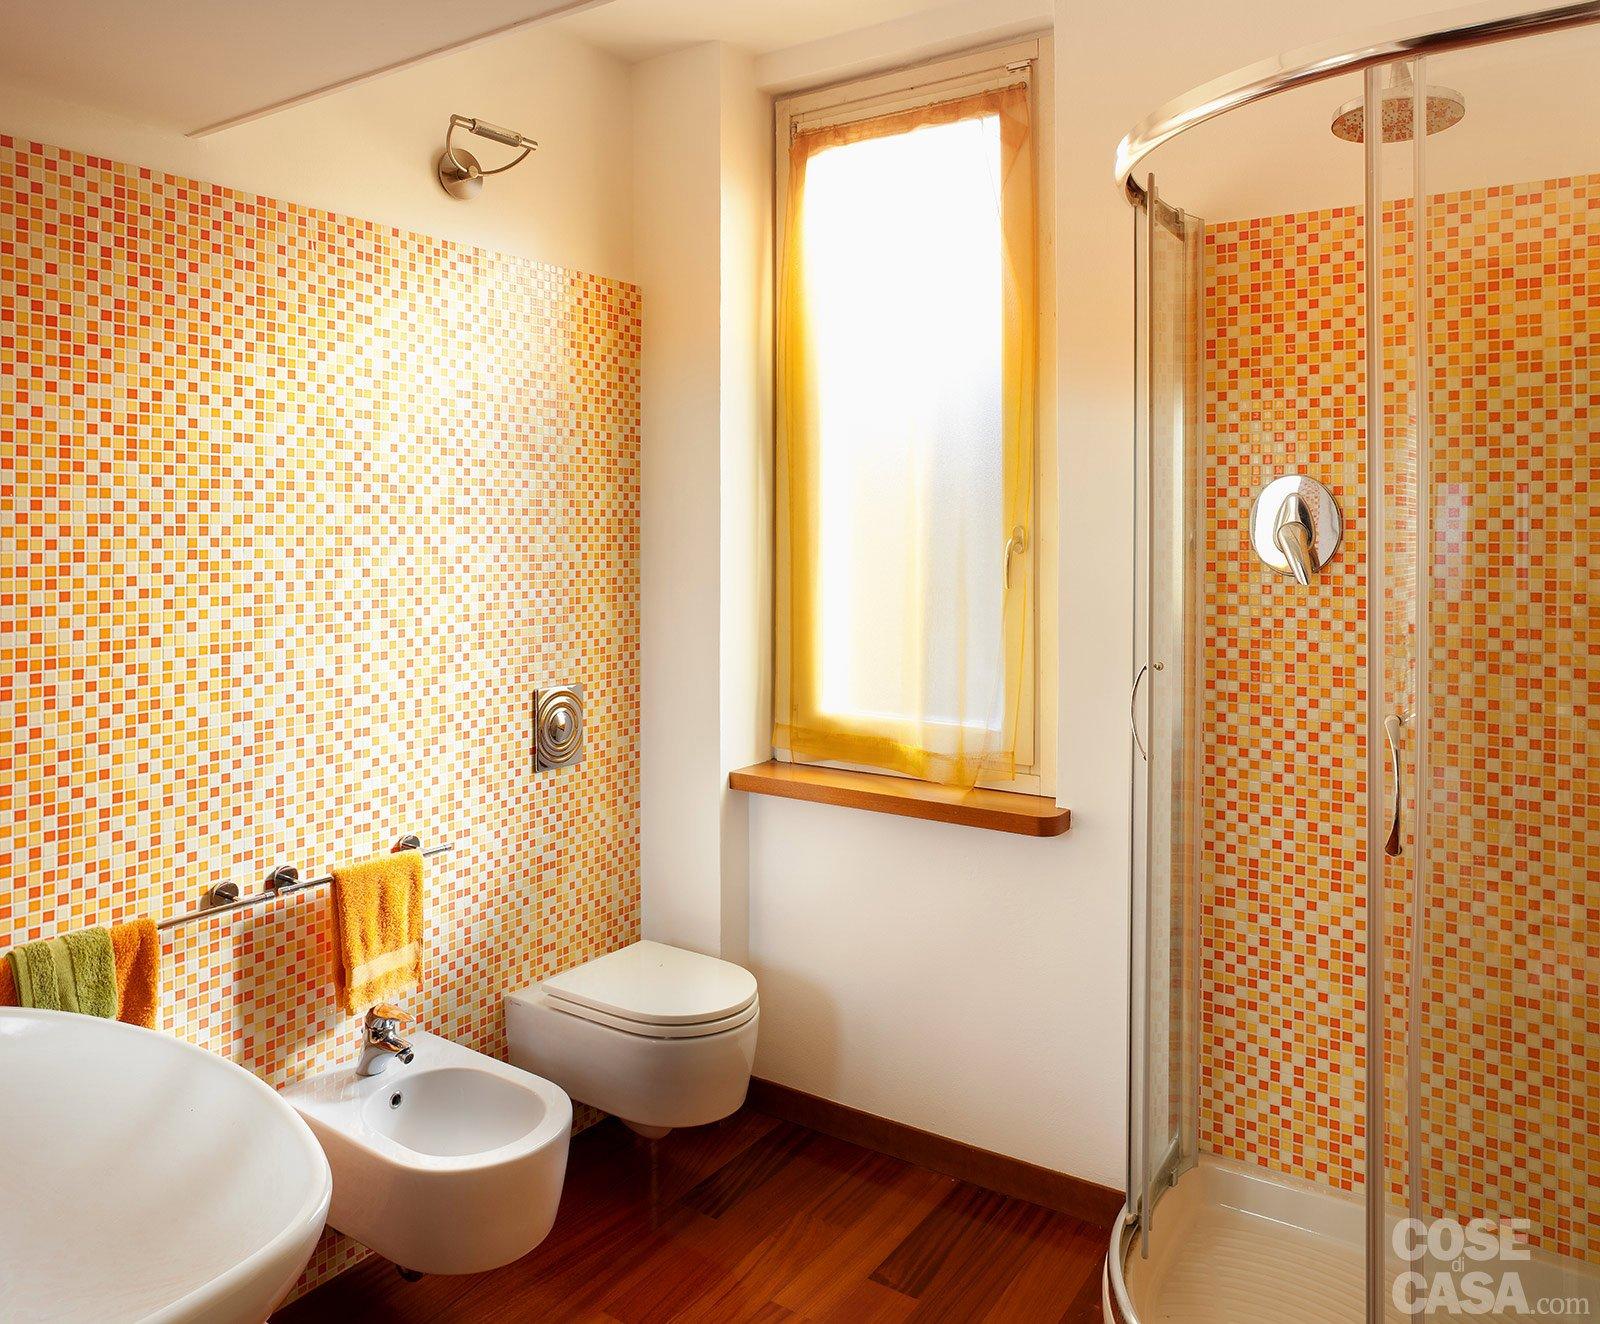 Una casa con vani a scomparsa cose di casa - Arredo bagno mosaico ...